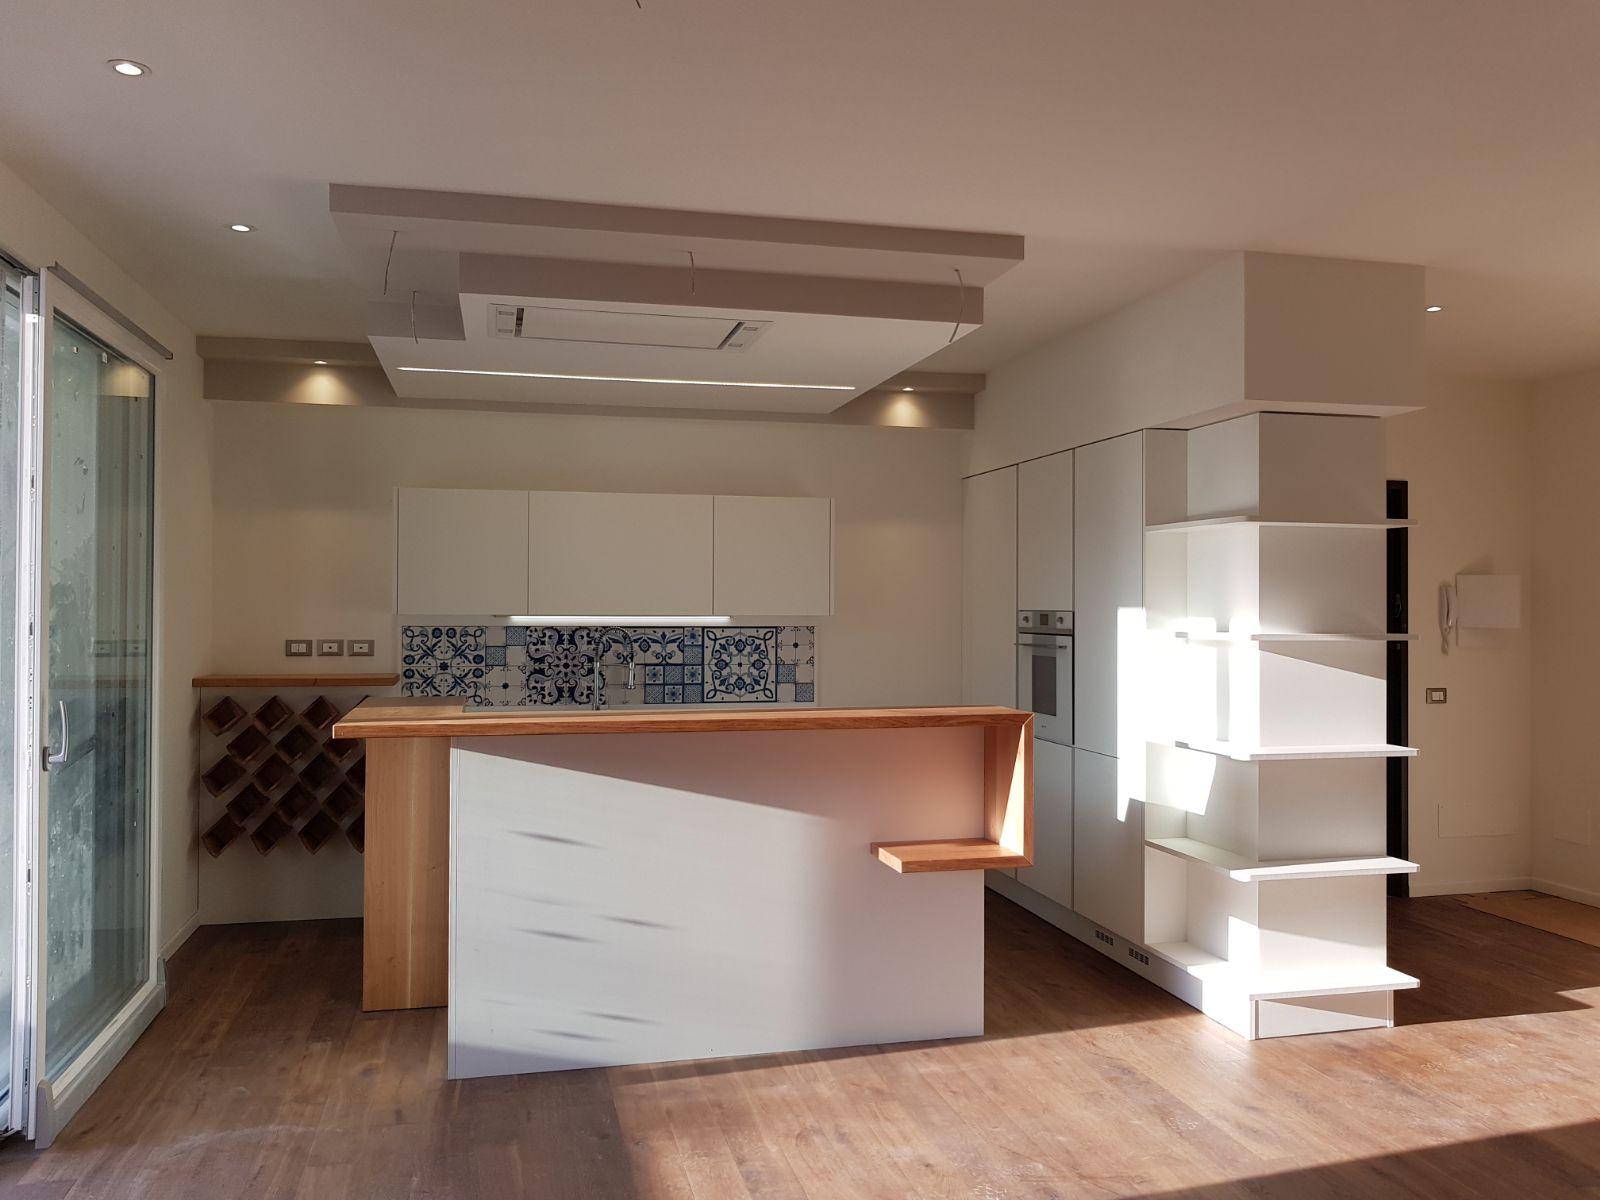 Cucina ad isola con colonna rivestita e portabottiglie ...